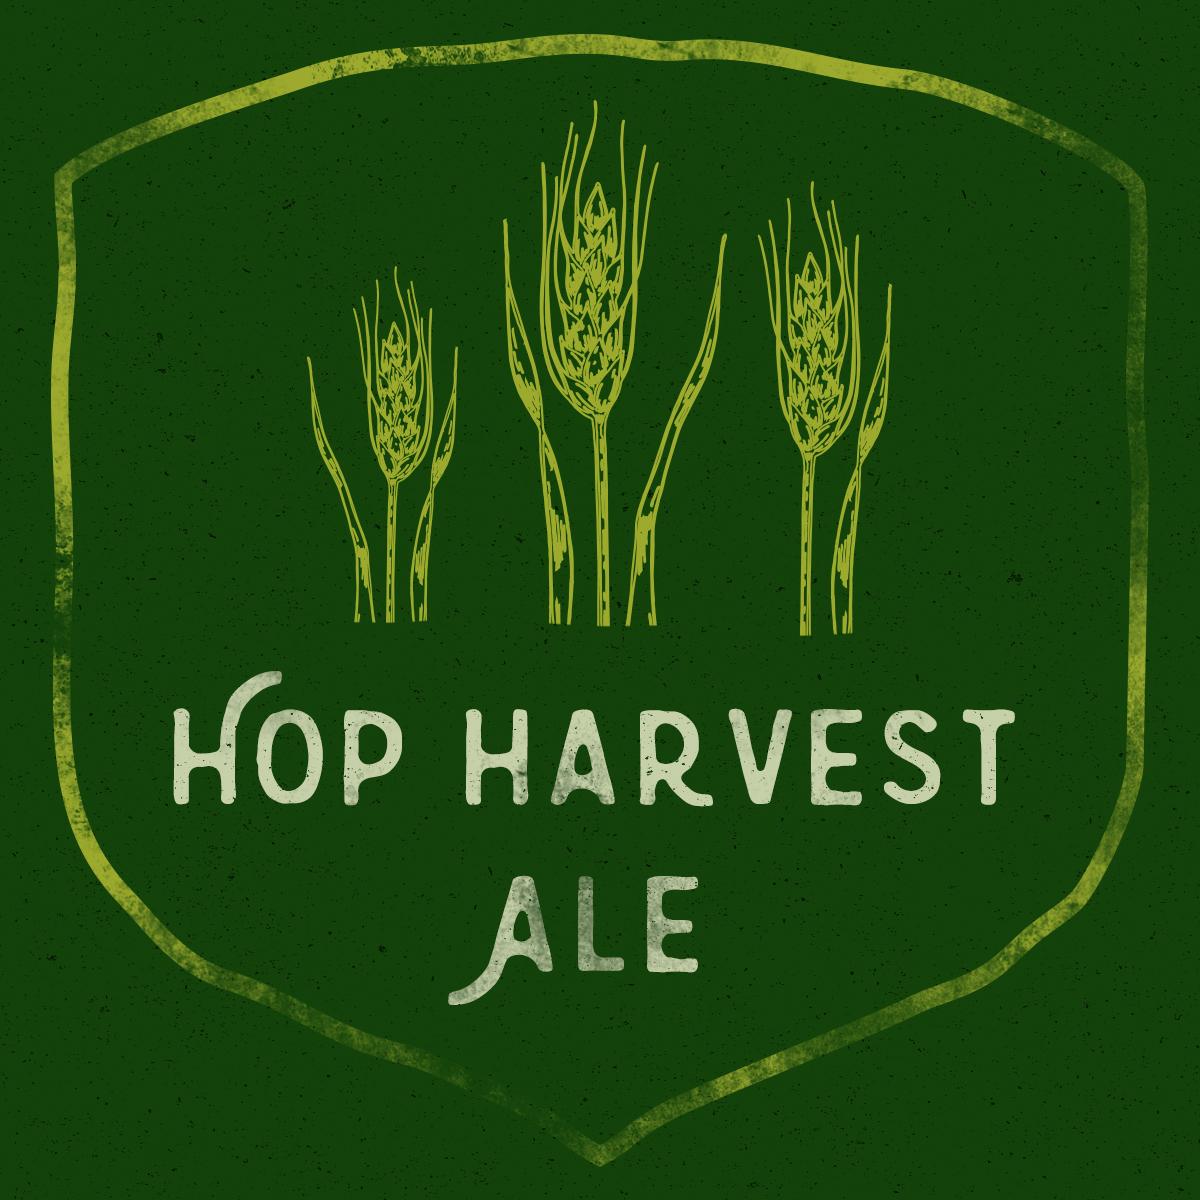 Hop Harvest Ale